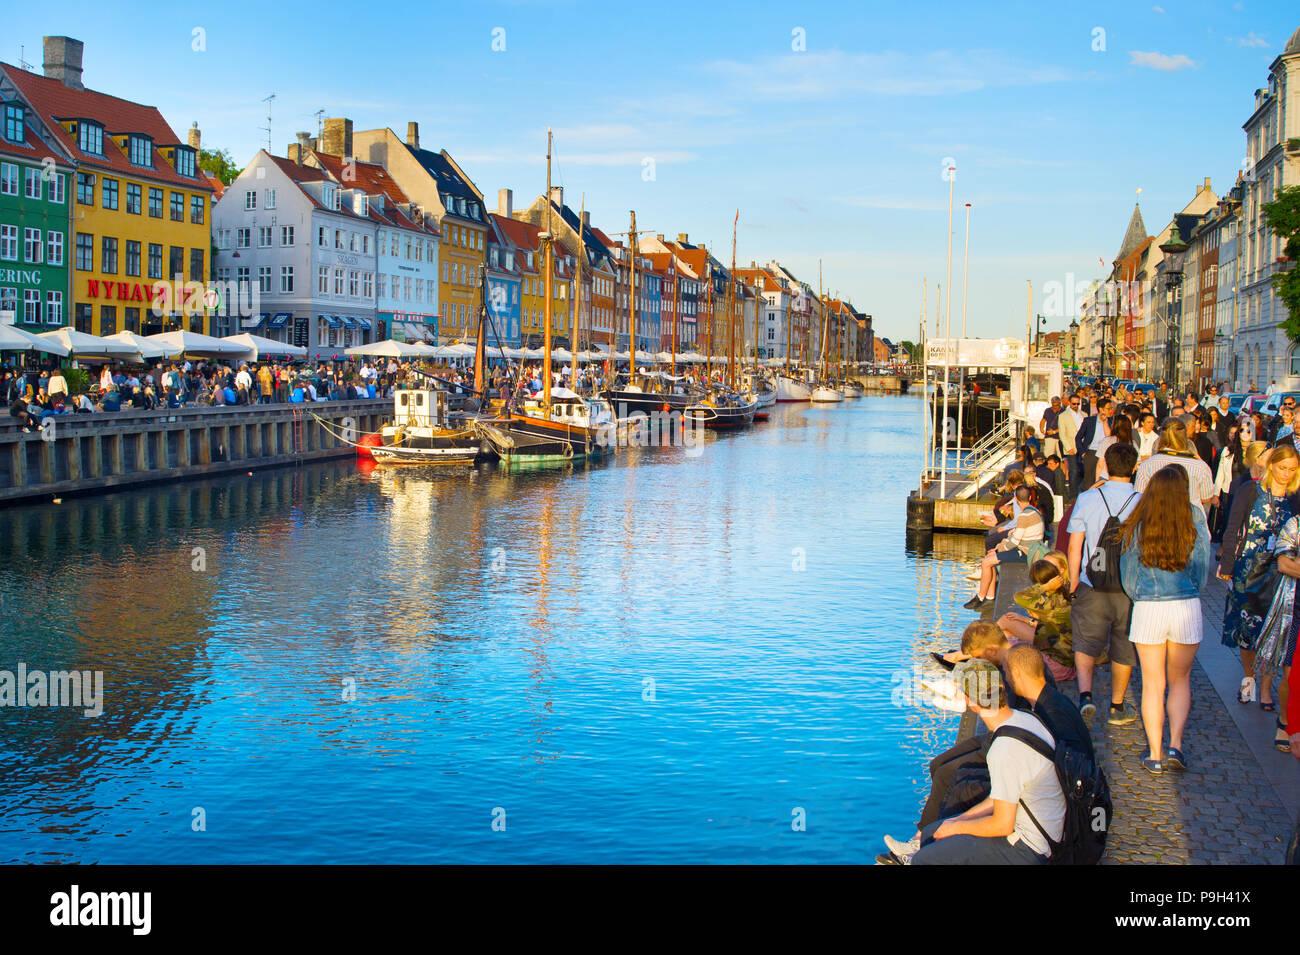 Copenhague, Danemark - 16 juin 2018: les touristes au quartier de Nyhavn - est l'un des plus célèbre monument à Copenhague Photo Stock